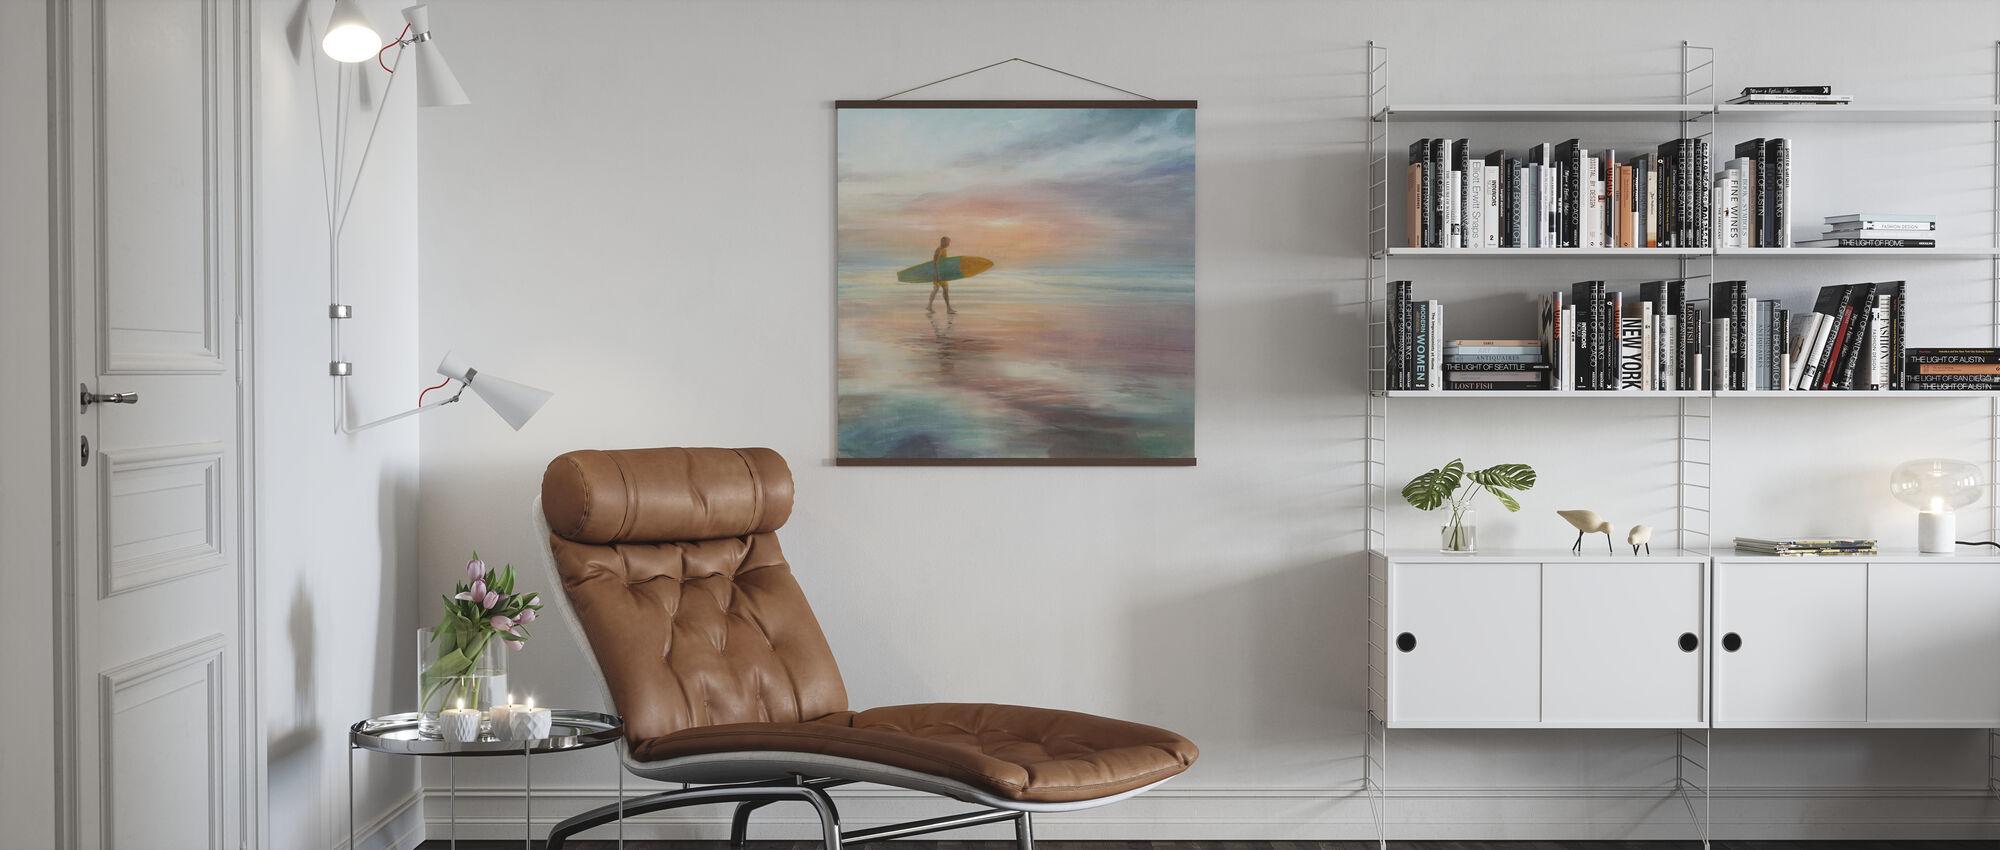 Surfside - Poster - Wohnzimmer